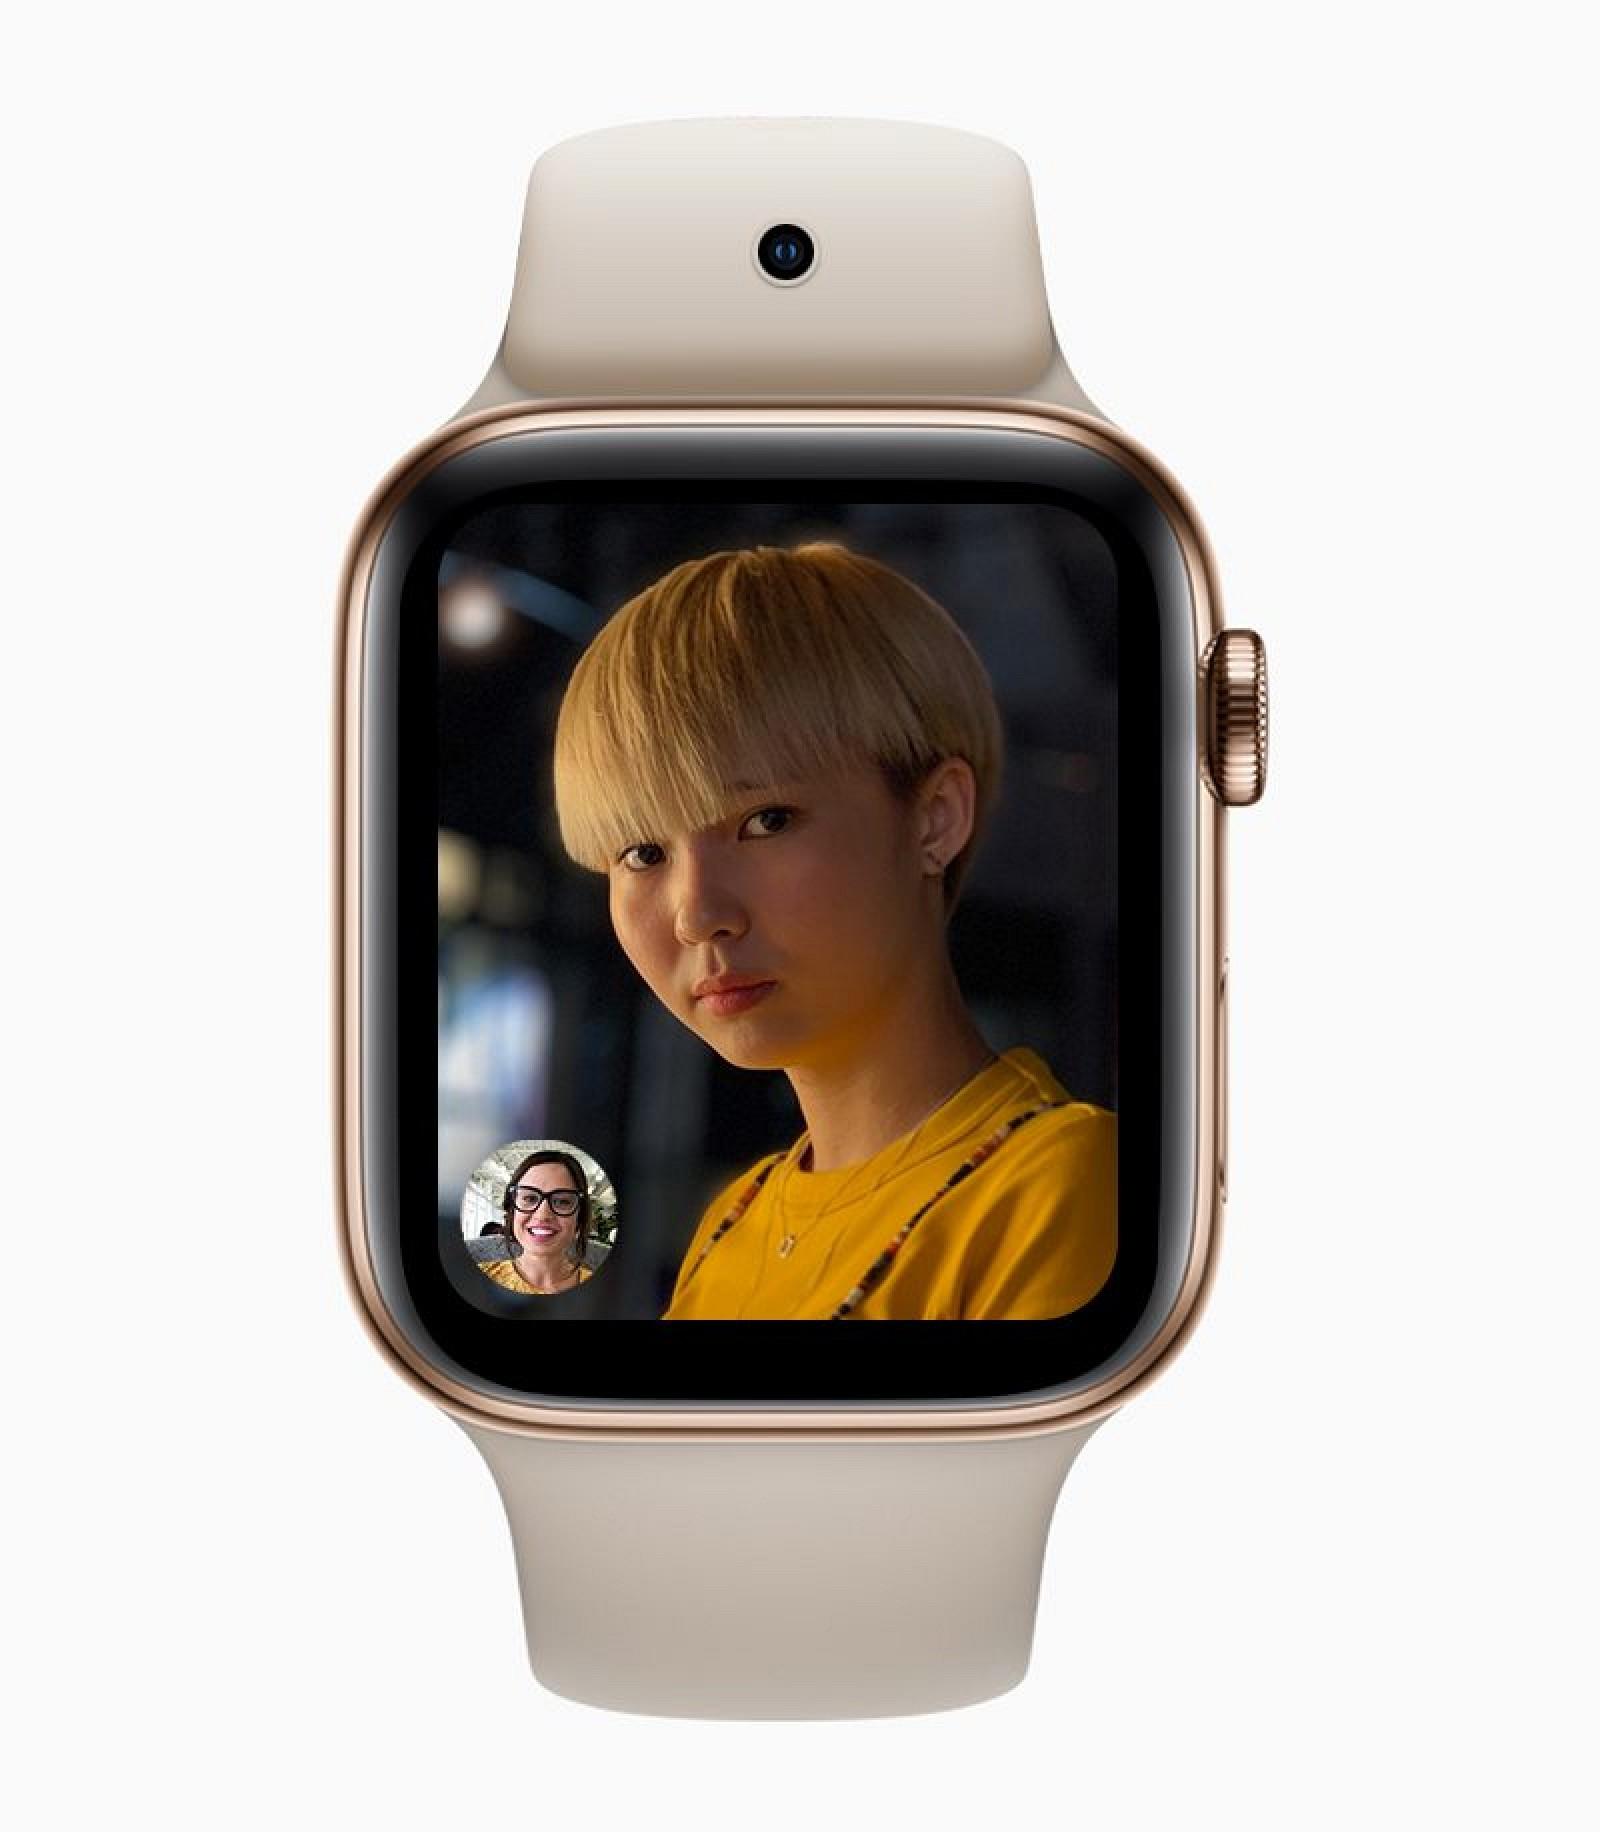 苹果全新专利:可为 Apple Watch 表带增加摄像头